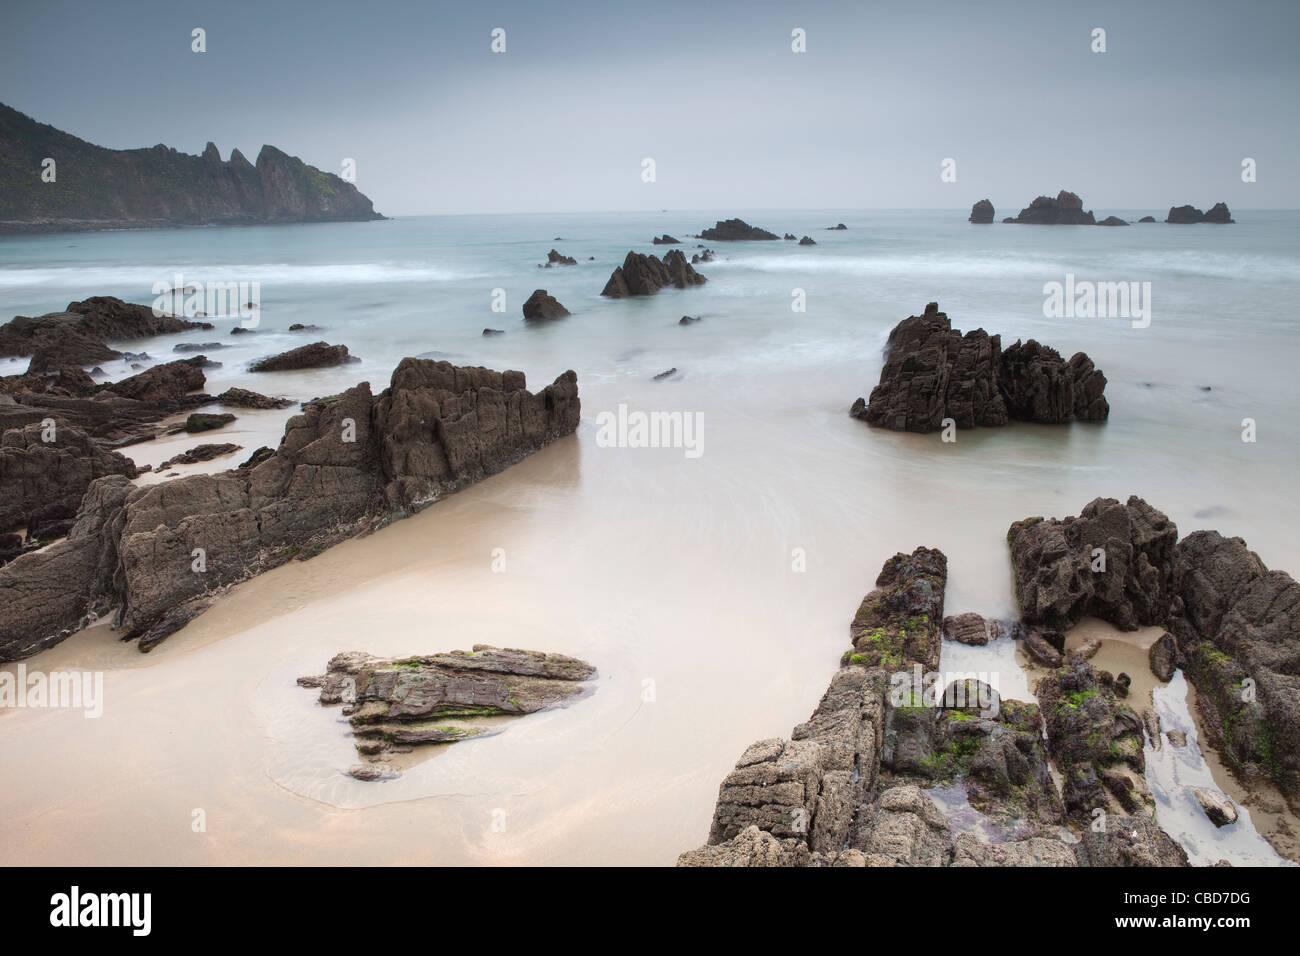 Wellen am felsigen Strand abwaschen Stockbild